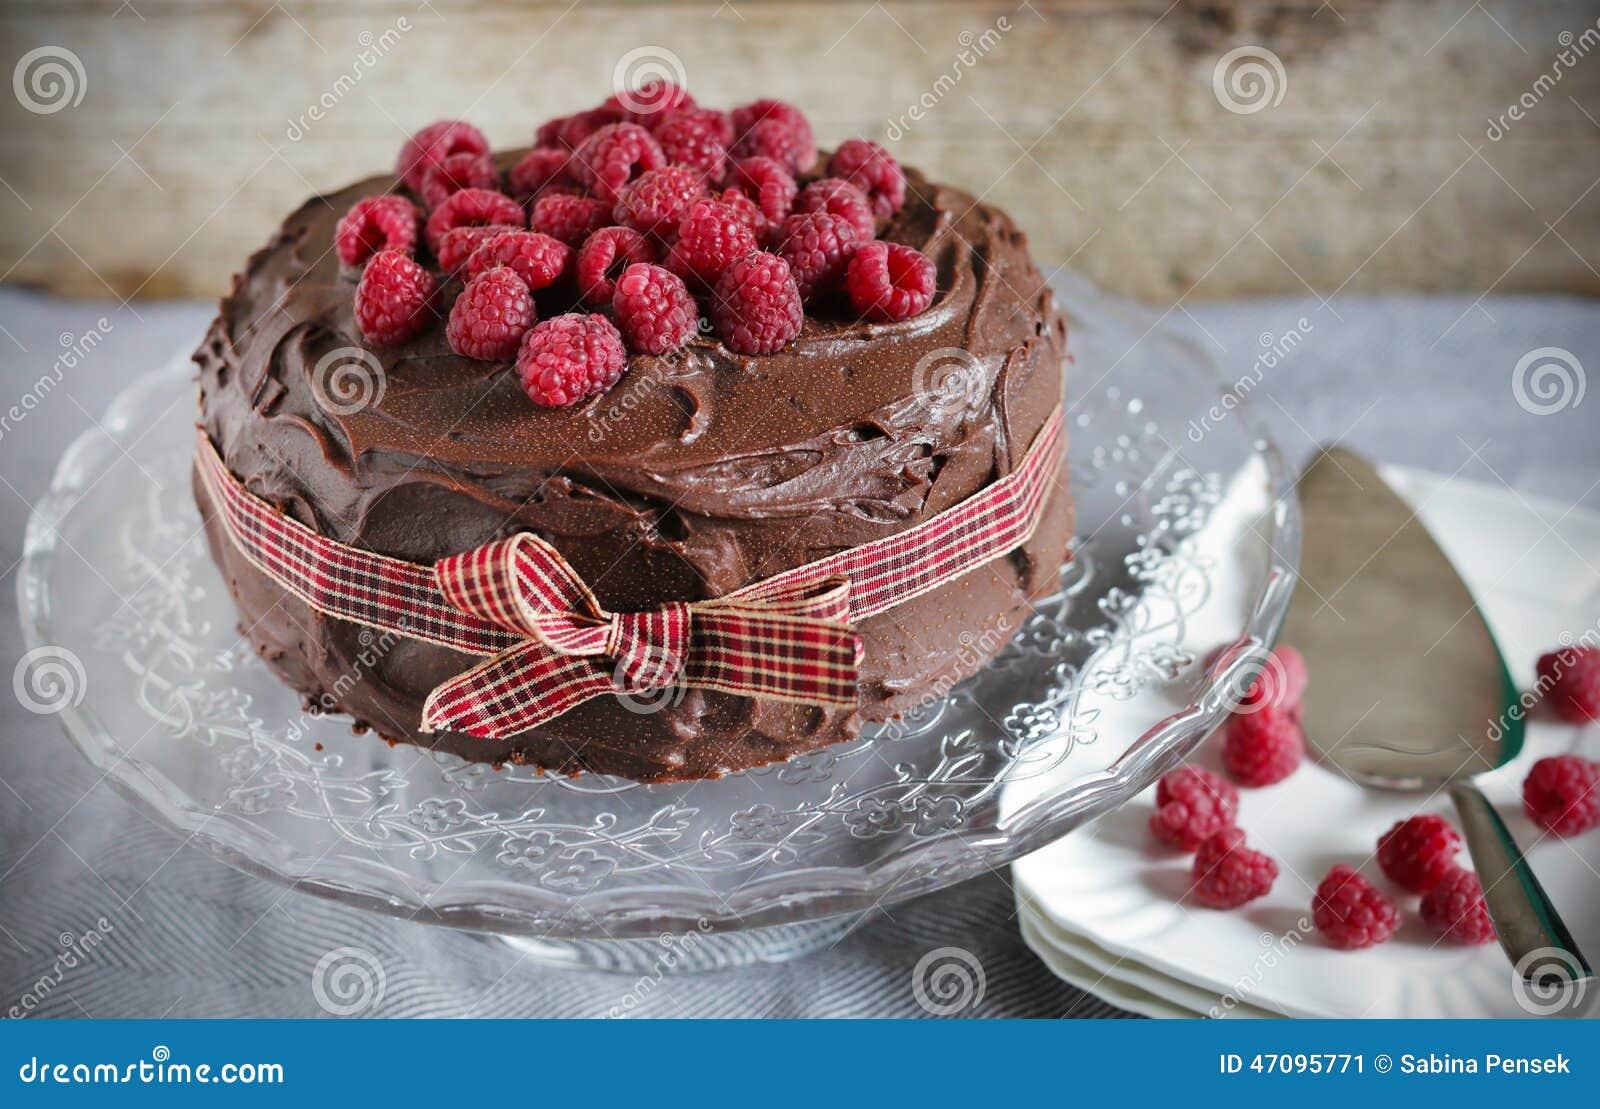 Himbeeren Und Schokolade Flussiger Ganache Kuchen Stockbild Bild